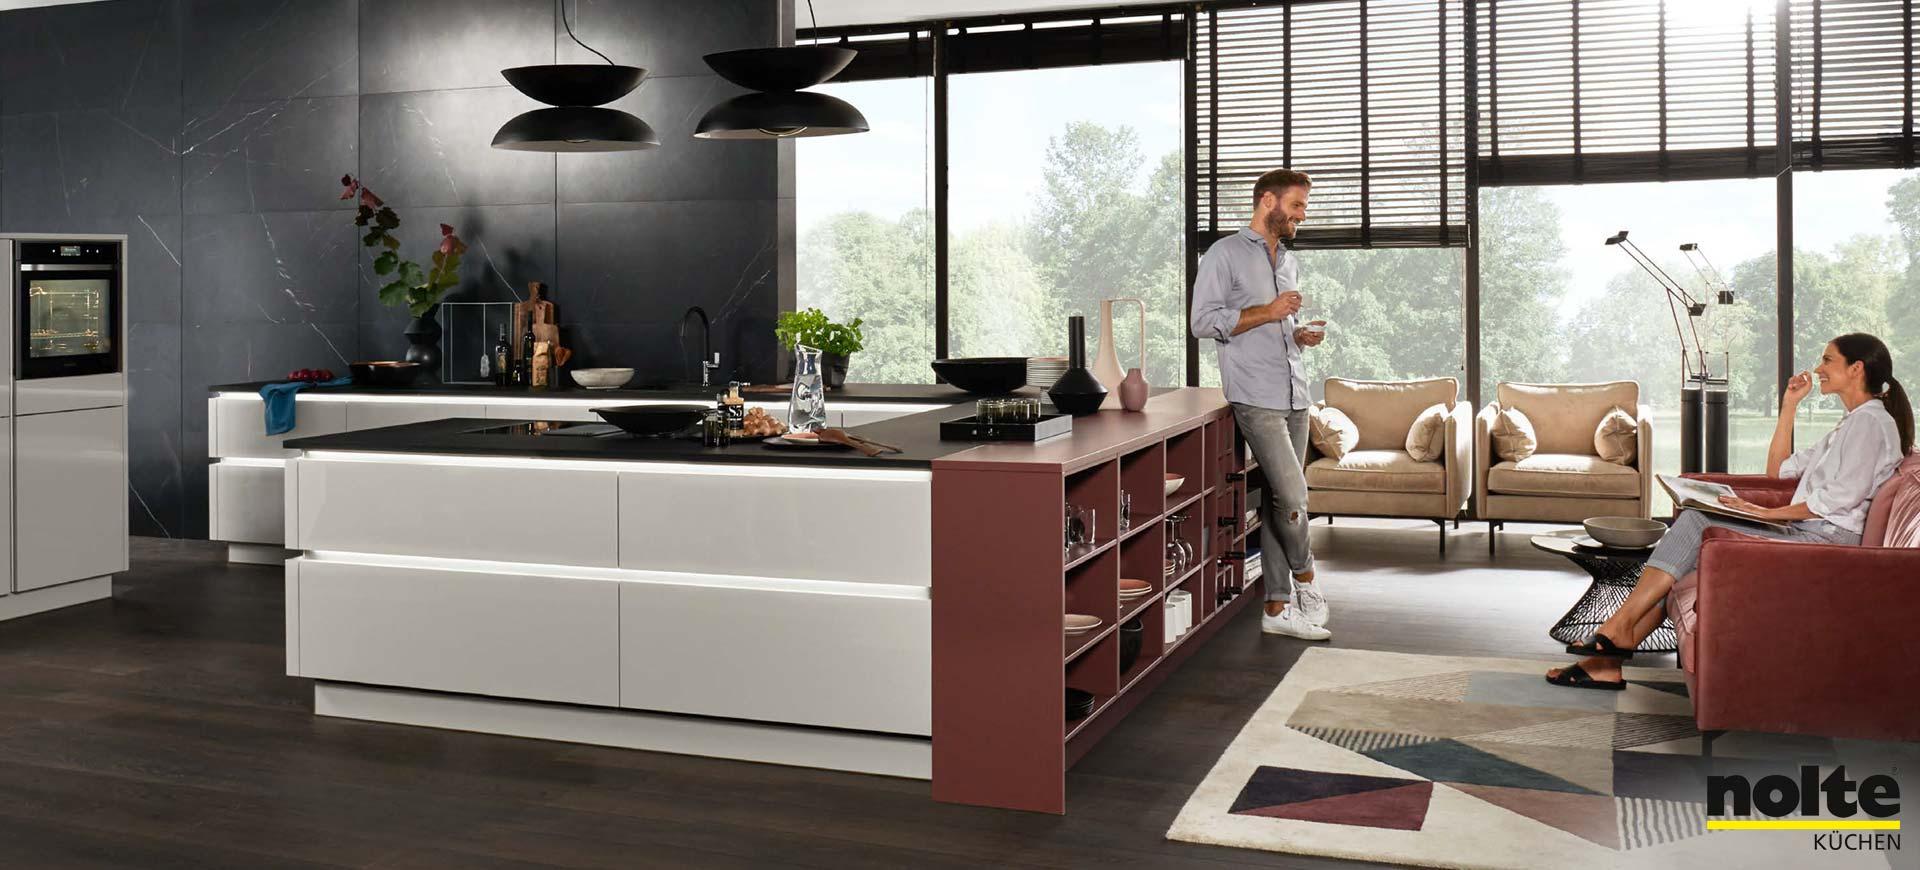 Tolle Eigene Küche Versinkt Denver Bilder - Ideen Für Die Küche ...